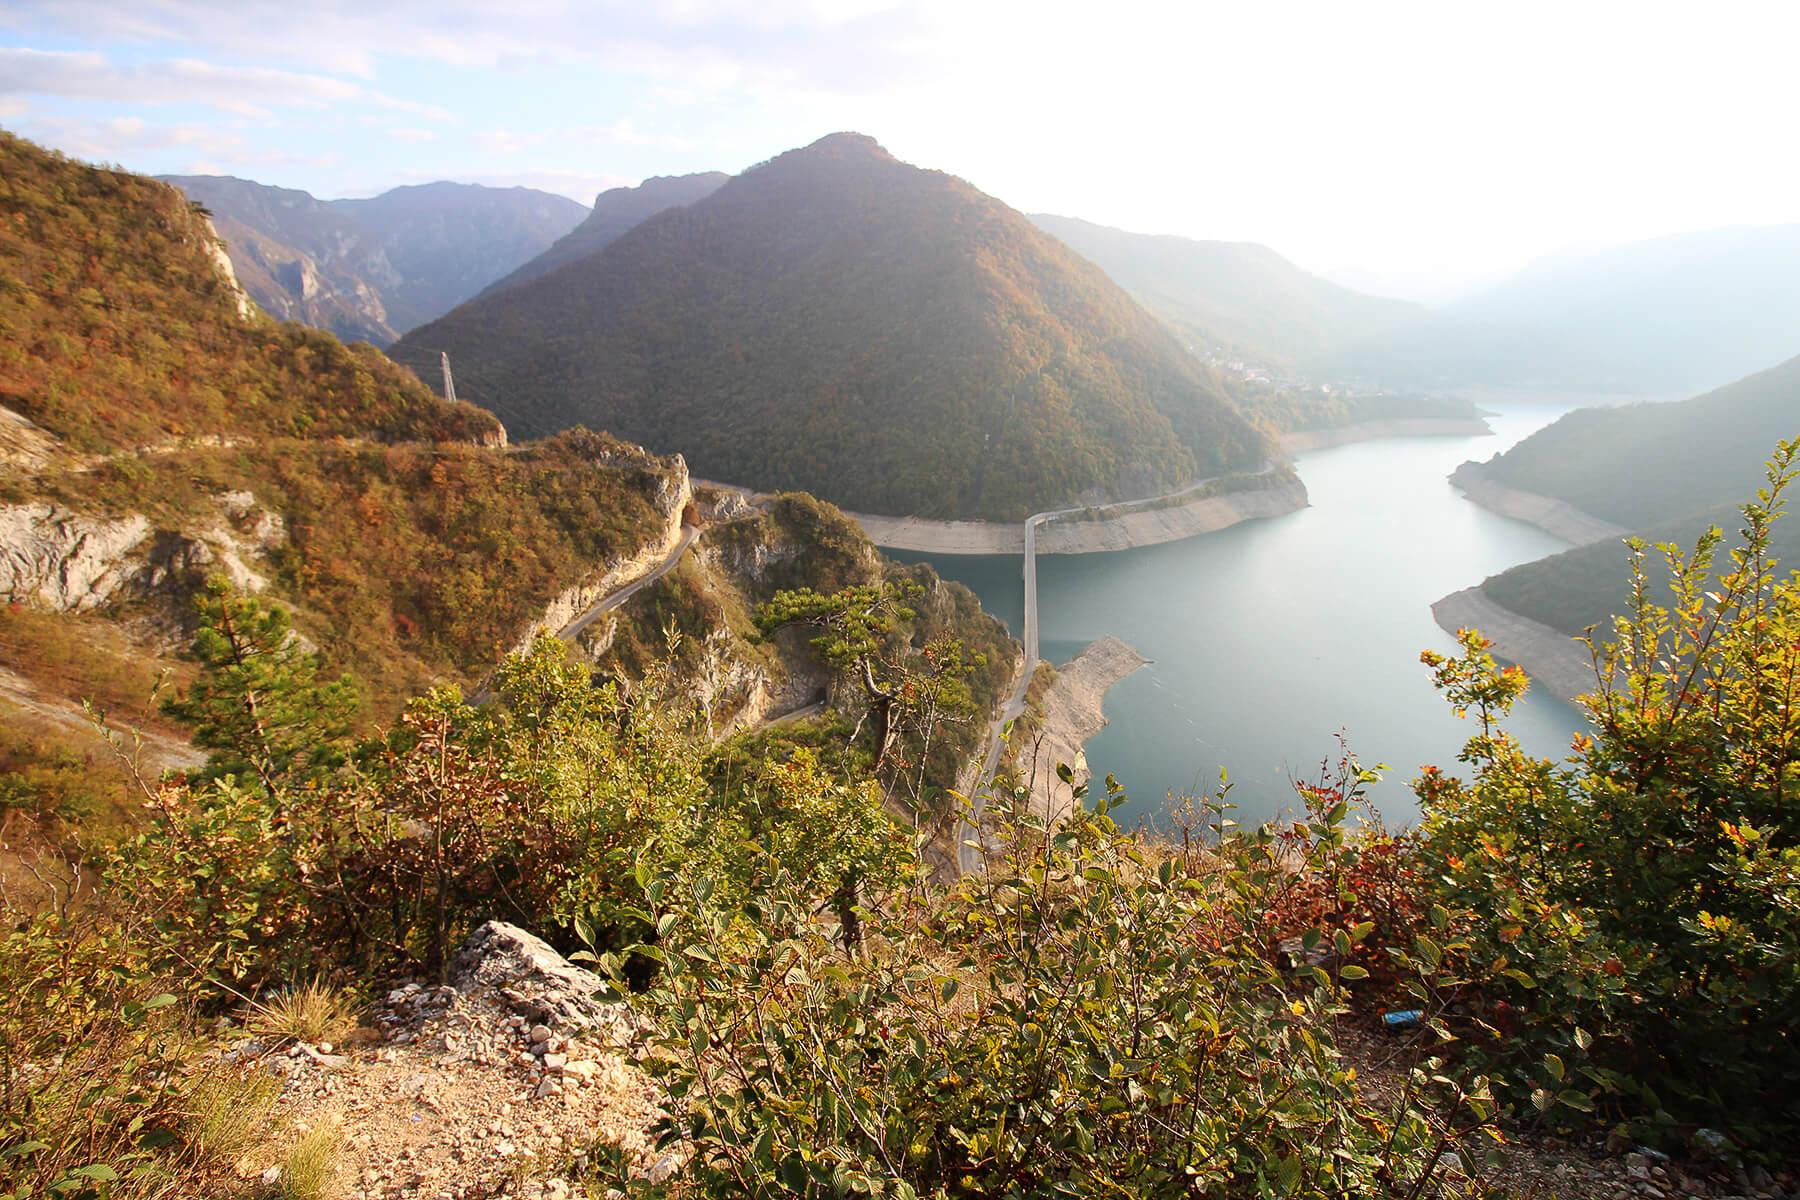 Гора Большое седло, Кисловодск, адрес | Официальный сайт ... | 1200x1800